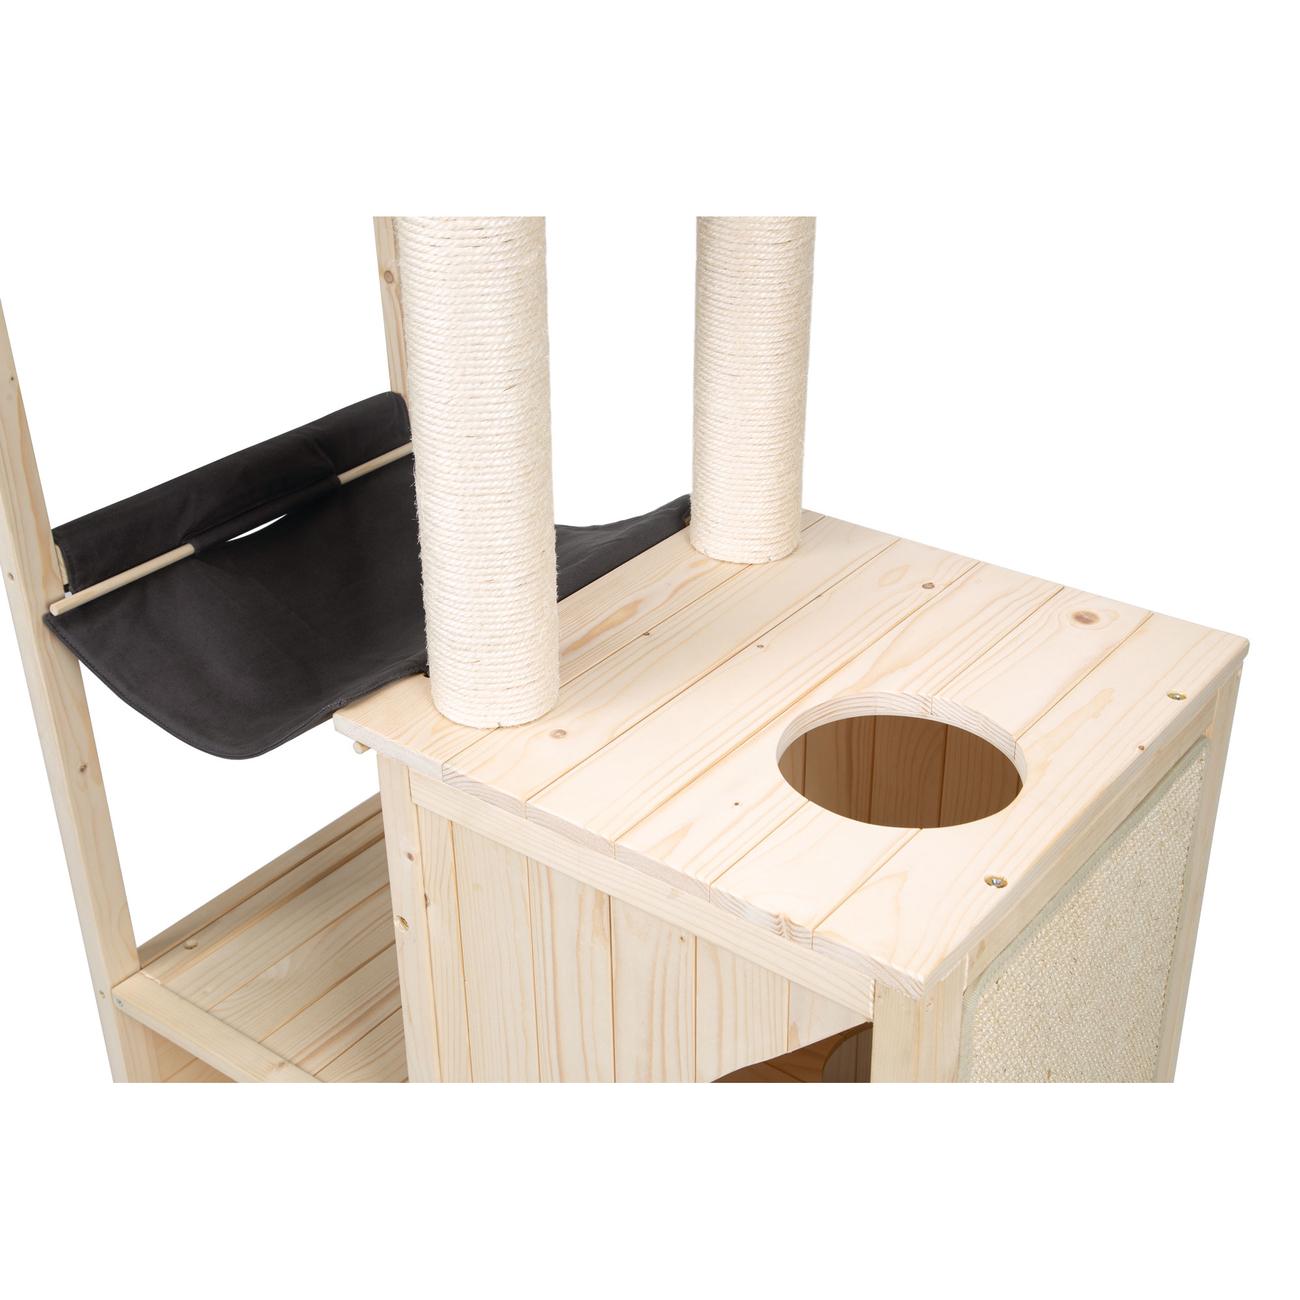 Beeztees Holz Kratzmöbel Vajra, Bild 4